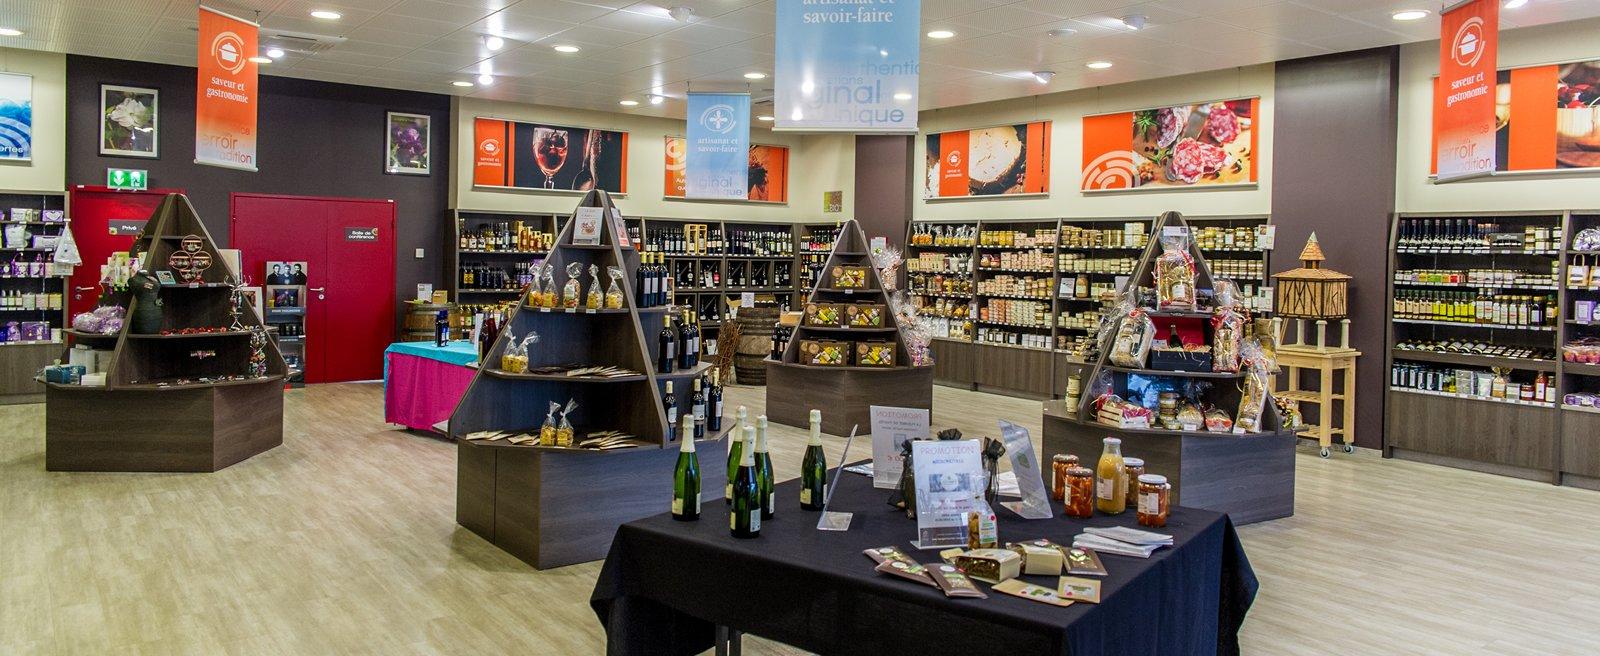 Boutique de Produits régionaux - Nailloux Outlet Village